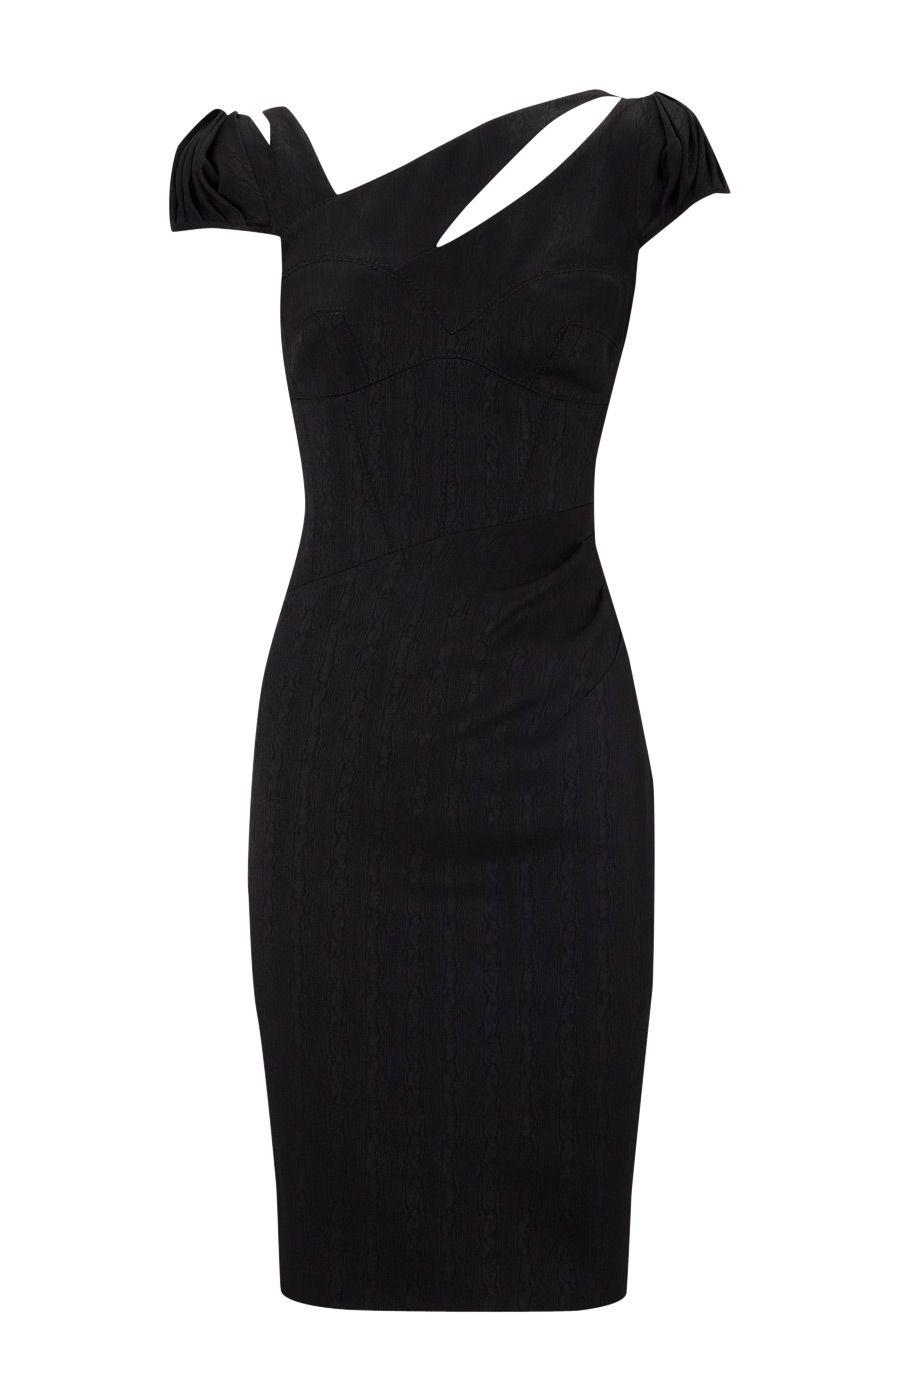 Black dress karen millen - Karen Millen Jacquard Moire Dress Black Karen Millen Dk004 Www Karenmillenoutletonline Ireland